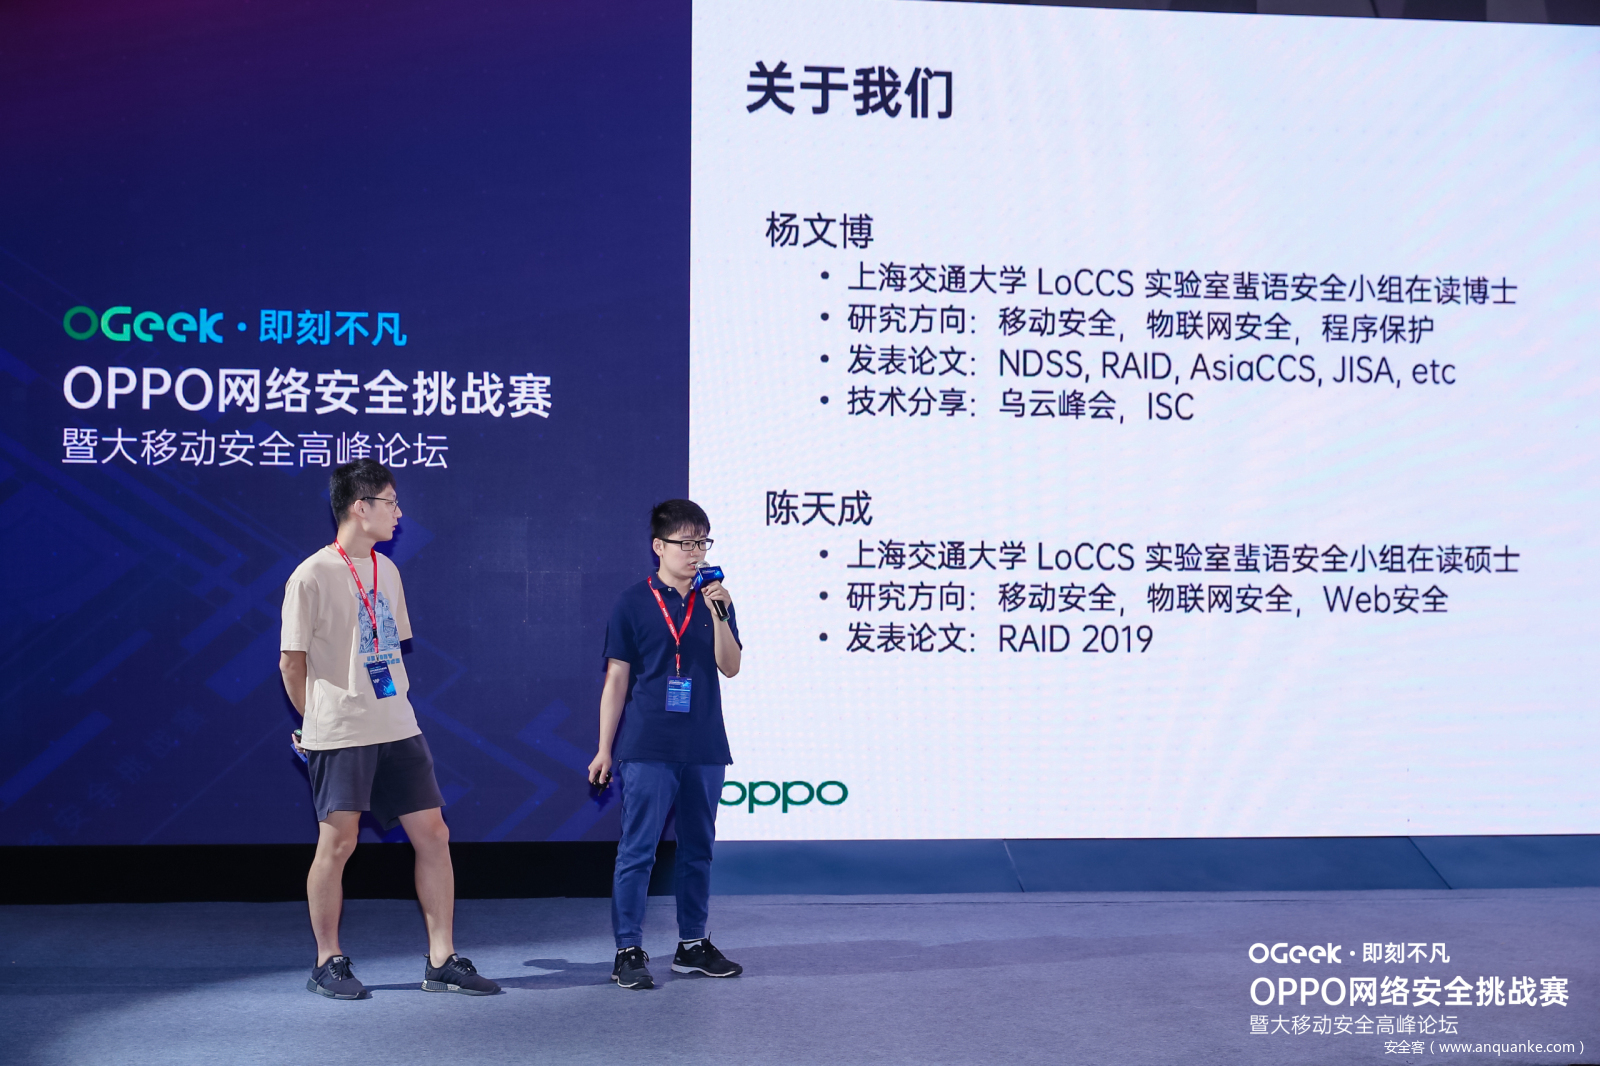 正在报道 | OPPO OGeek网络安全挑战赛